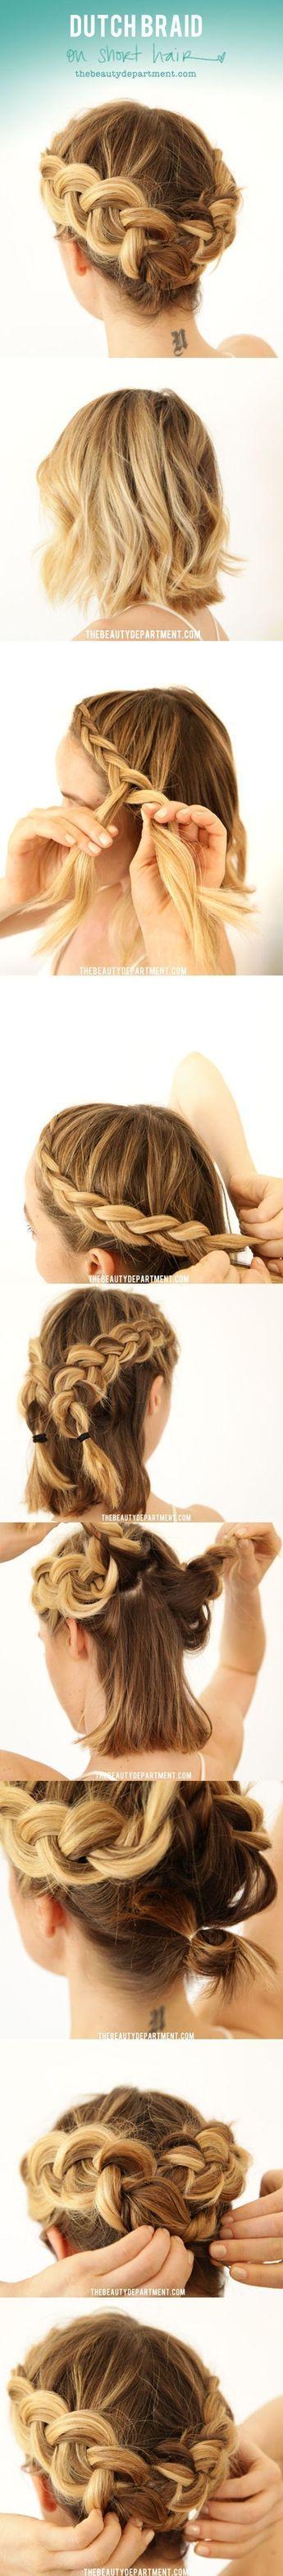 beach inspired hairstyles diy ..................................... #hairideas #hairstyles #haircuts #hairlavie #hairinspo #hairinspiration #hair #hairlavie #hairtutorial #dutchbraid #braidhair